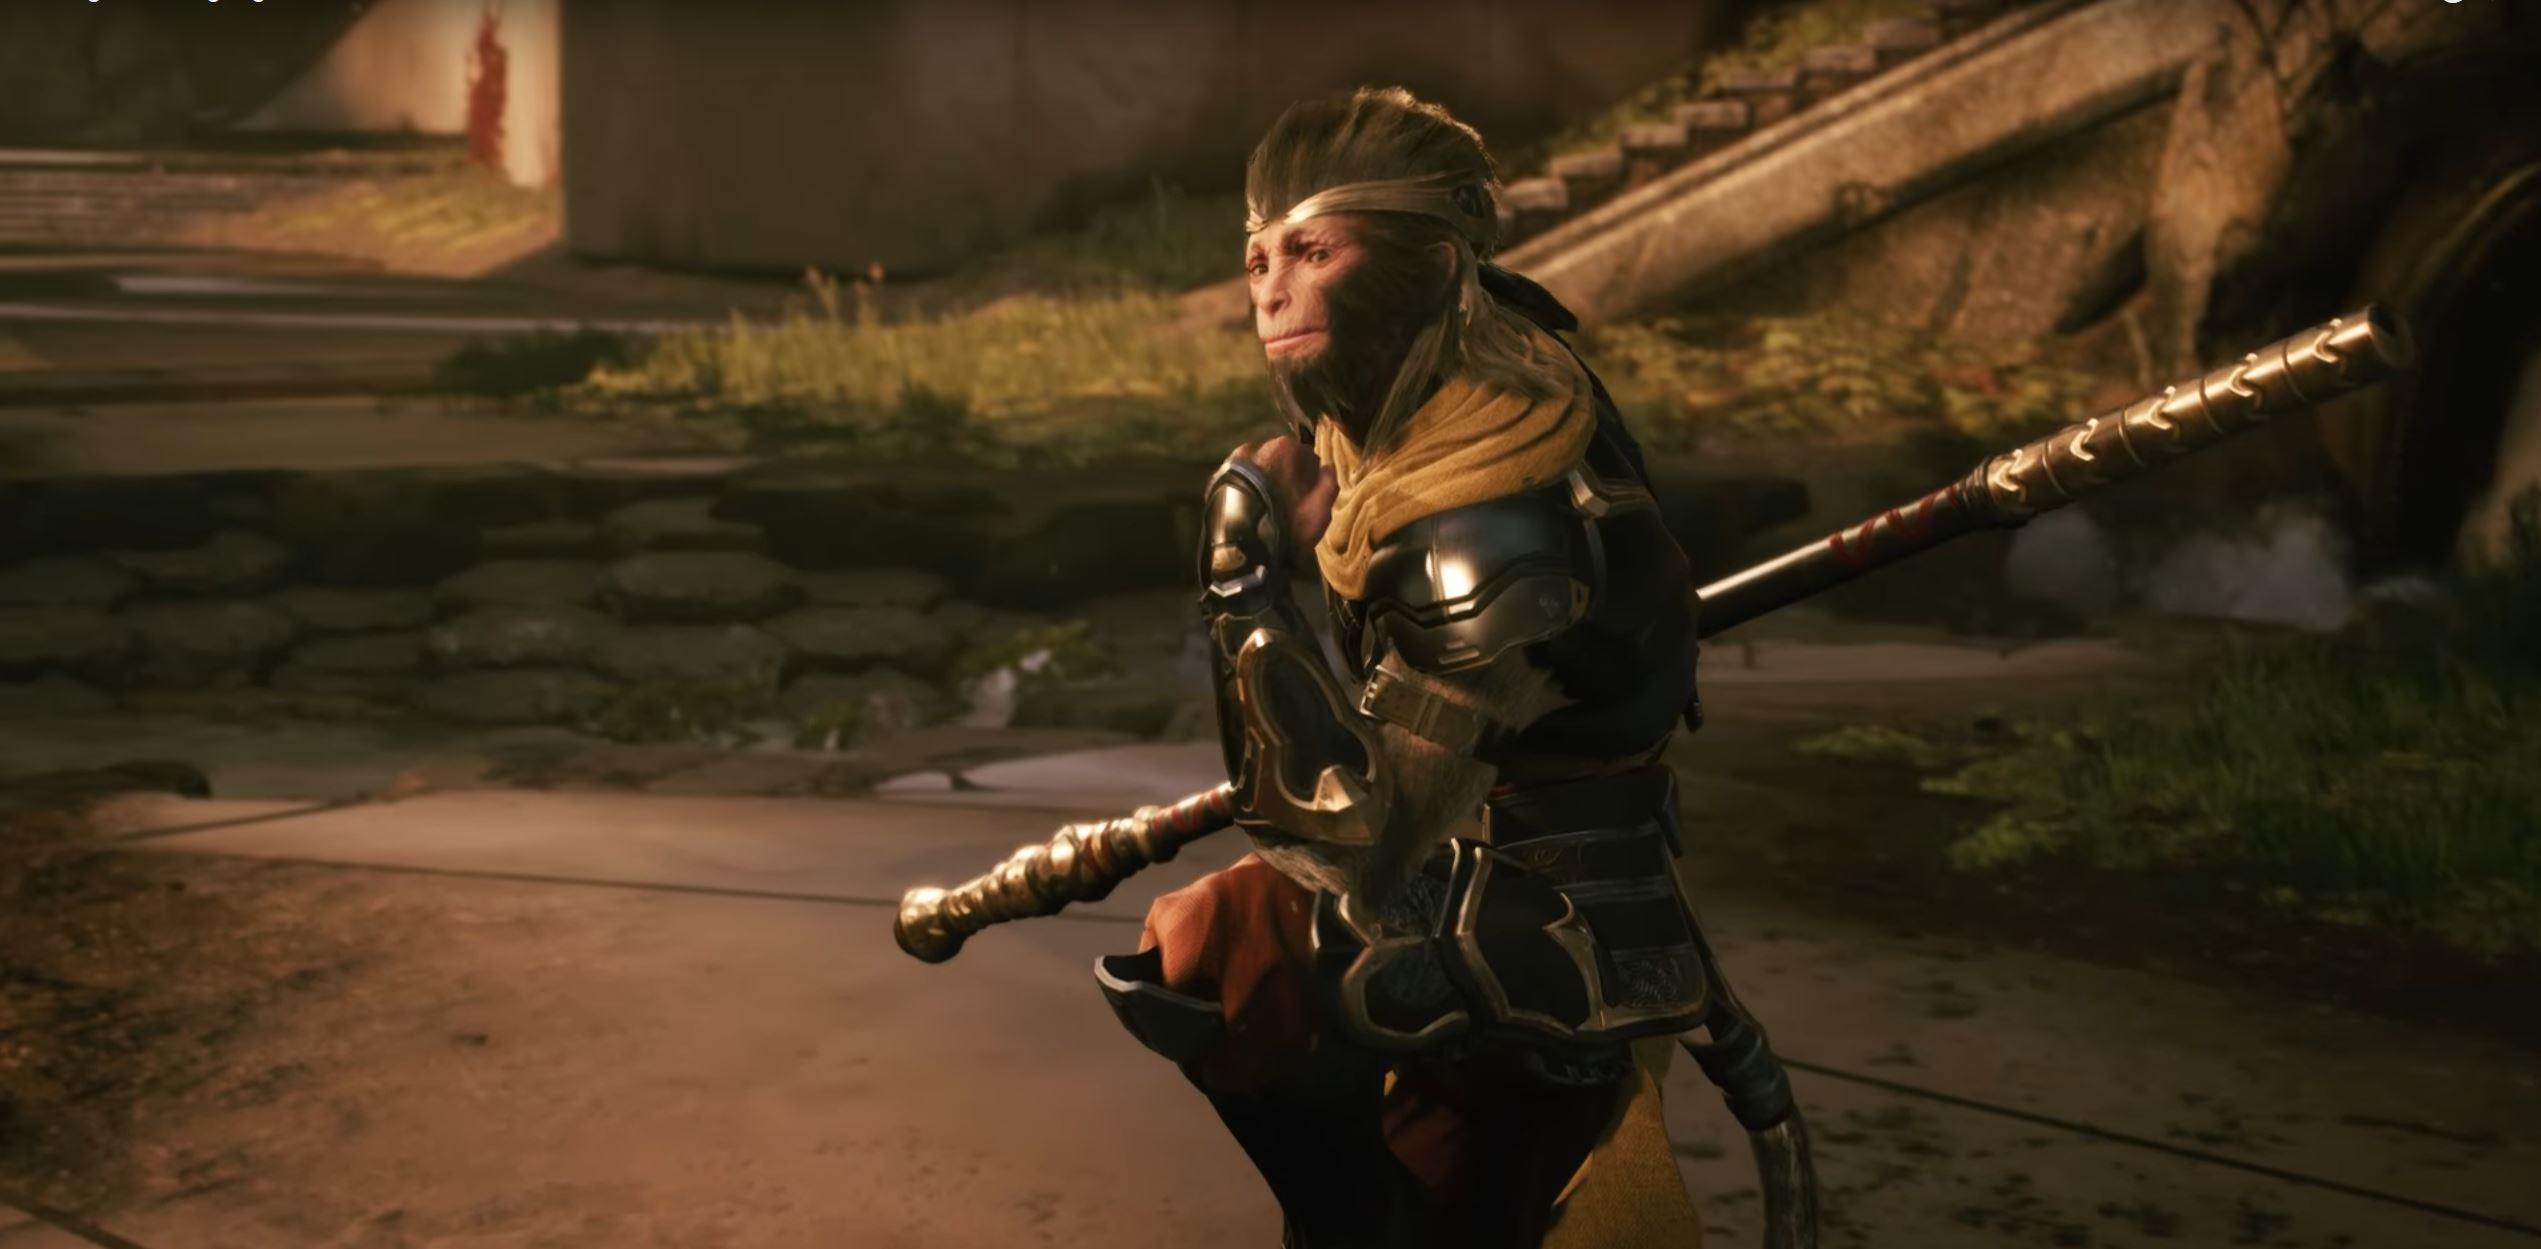 Paragon: Jetzt wird's affig! – Neuer Held Wukong und SHIELD-Release